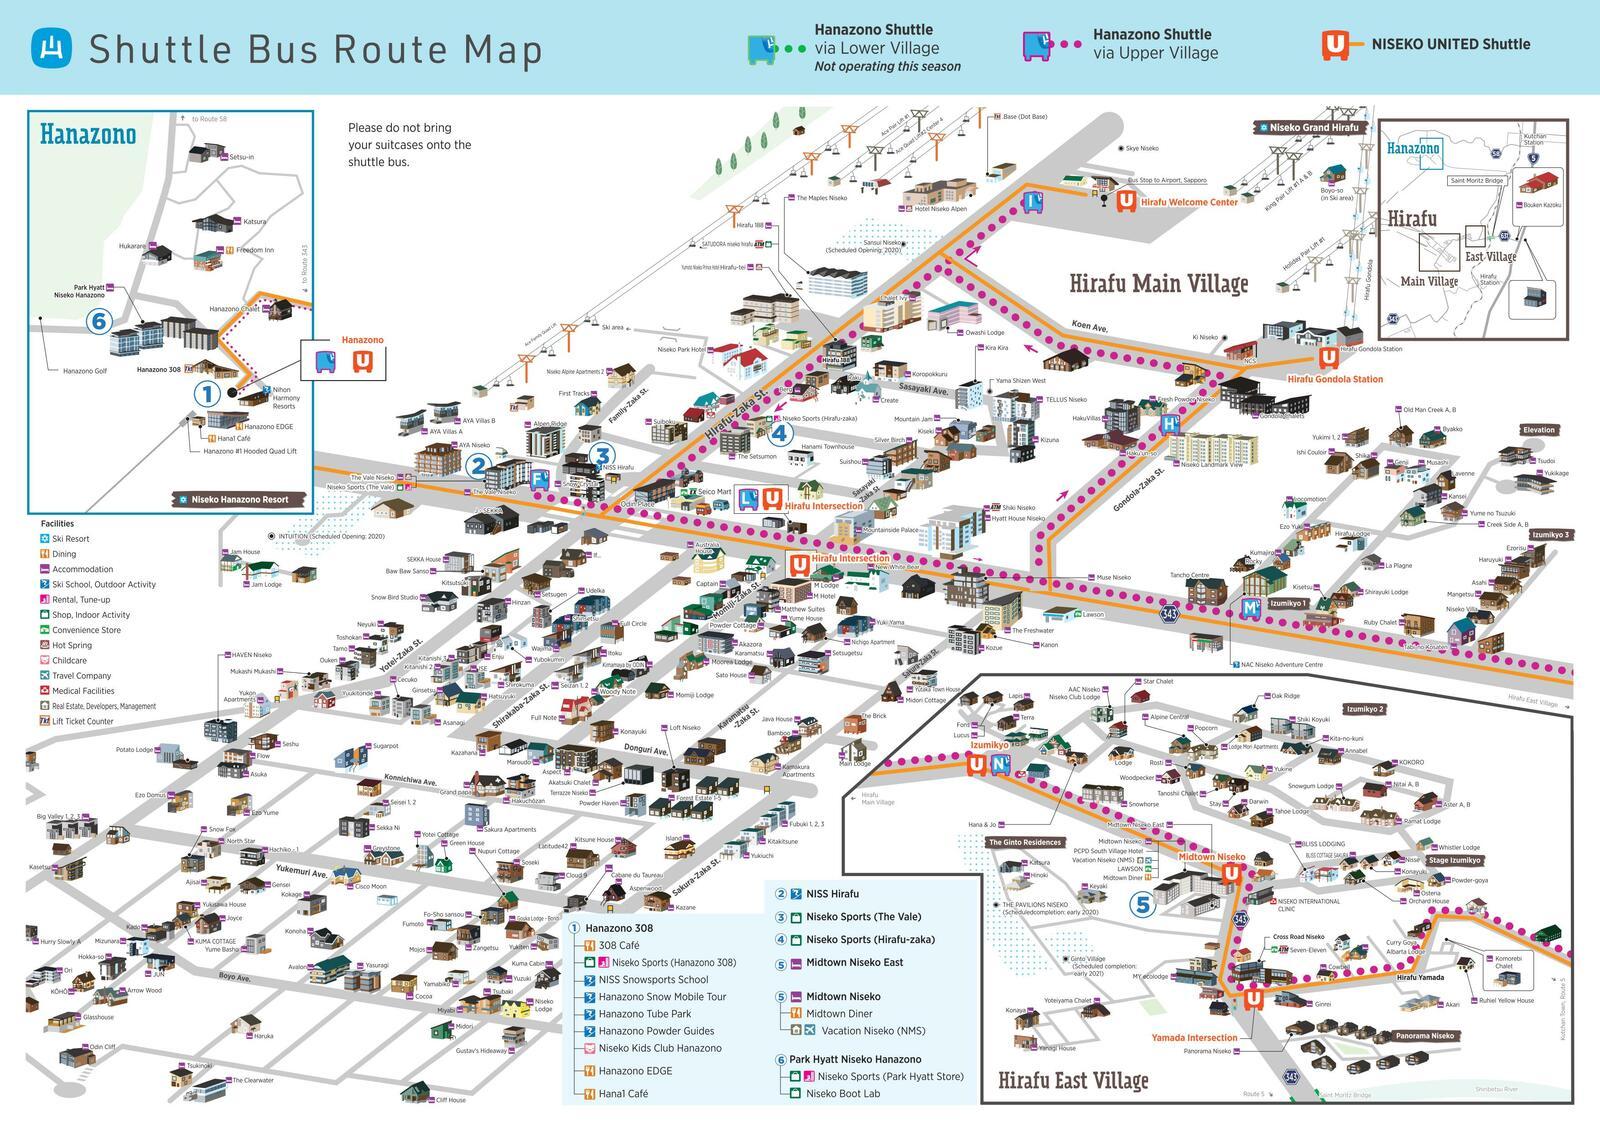 ニセコ花園フリーシャトルバスのルートマップ